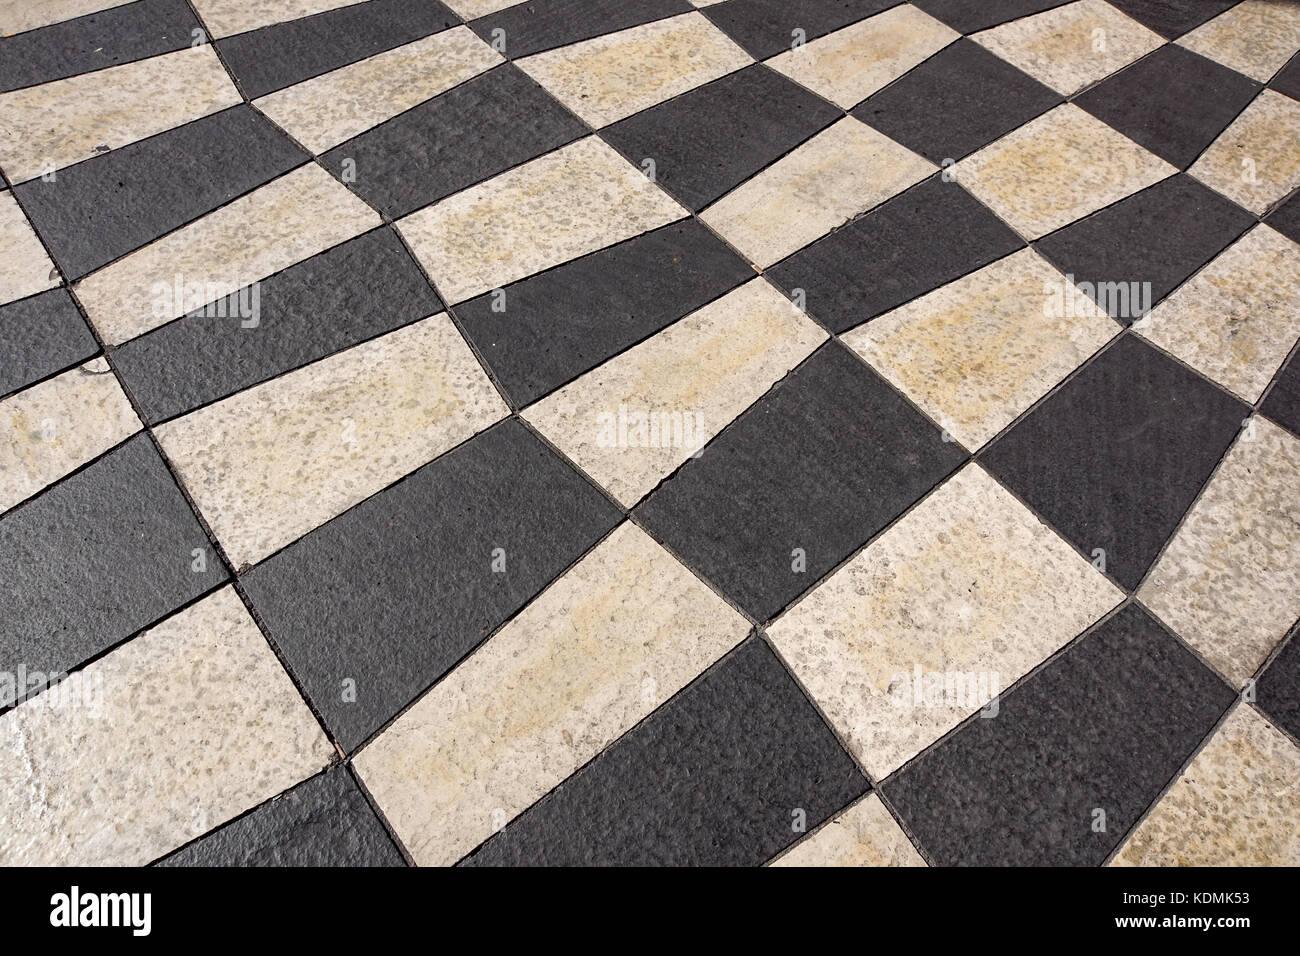 Outdoor street piastrelle con disegno geometrico.la texture della